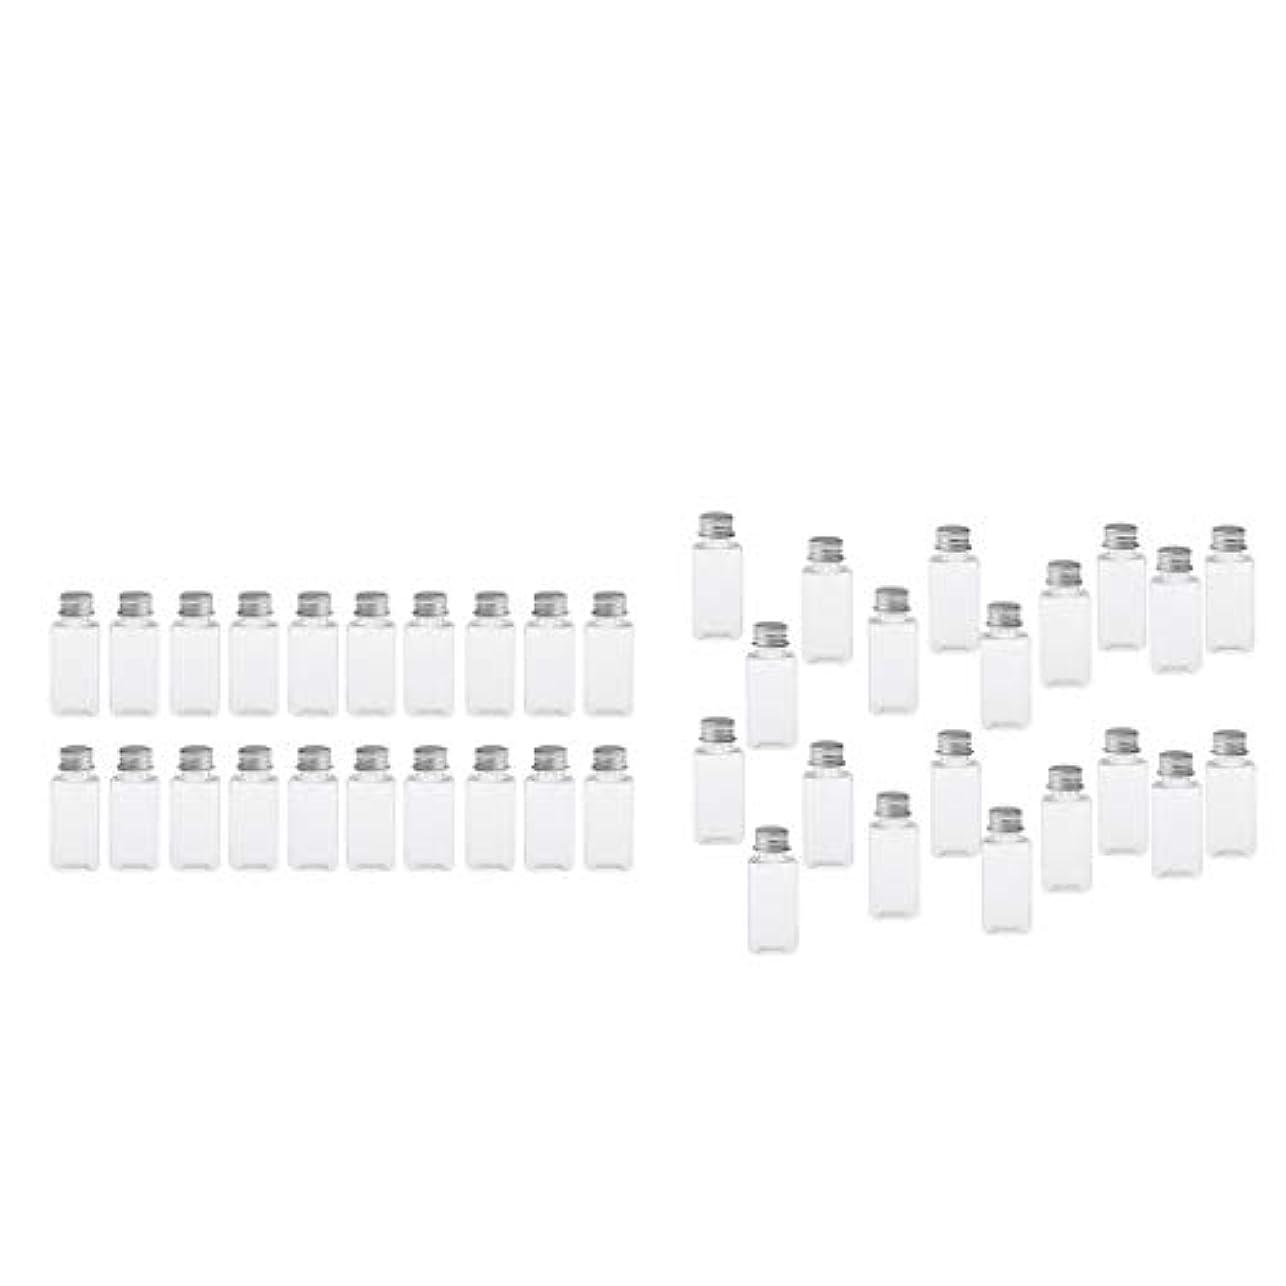 クロス絵マイルドT TOOYFUL 60個入り 空ボトル メイクアップボトル ローションボトル 化粧ボトル 旅行用品 全4選択 - クリア+銀(約40個)